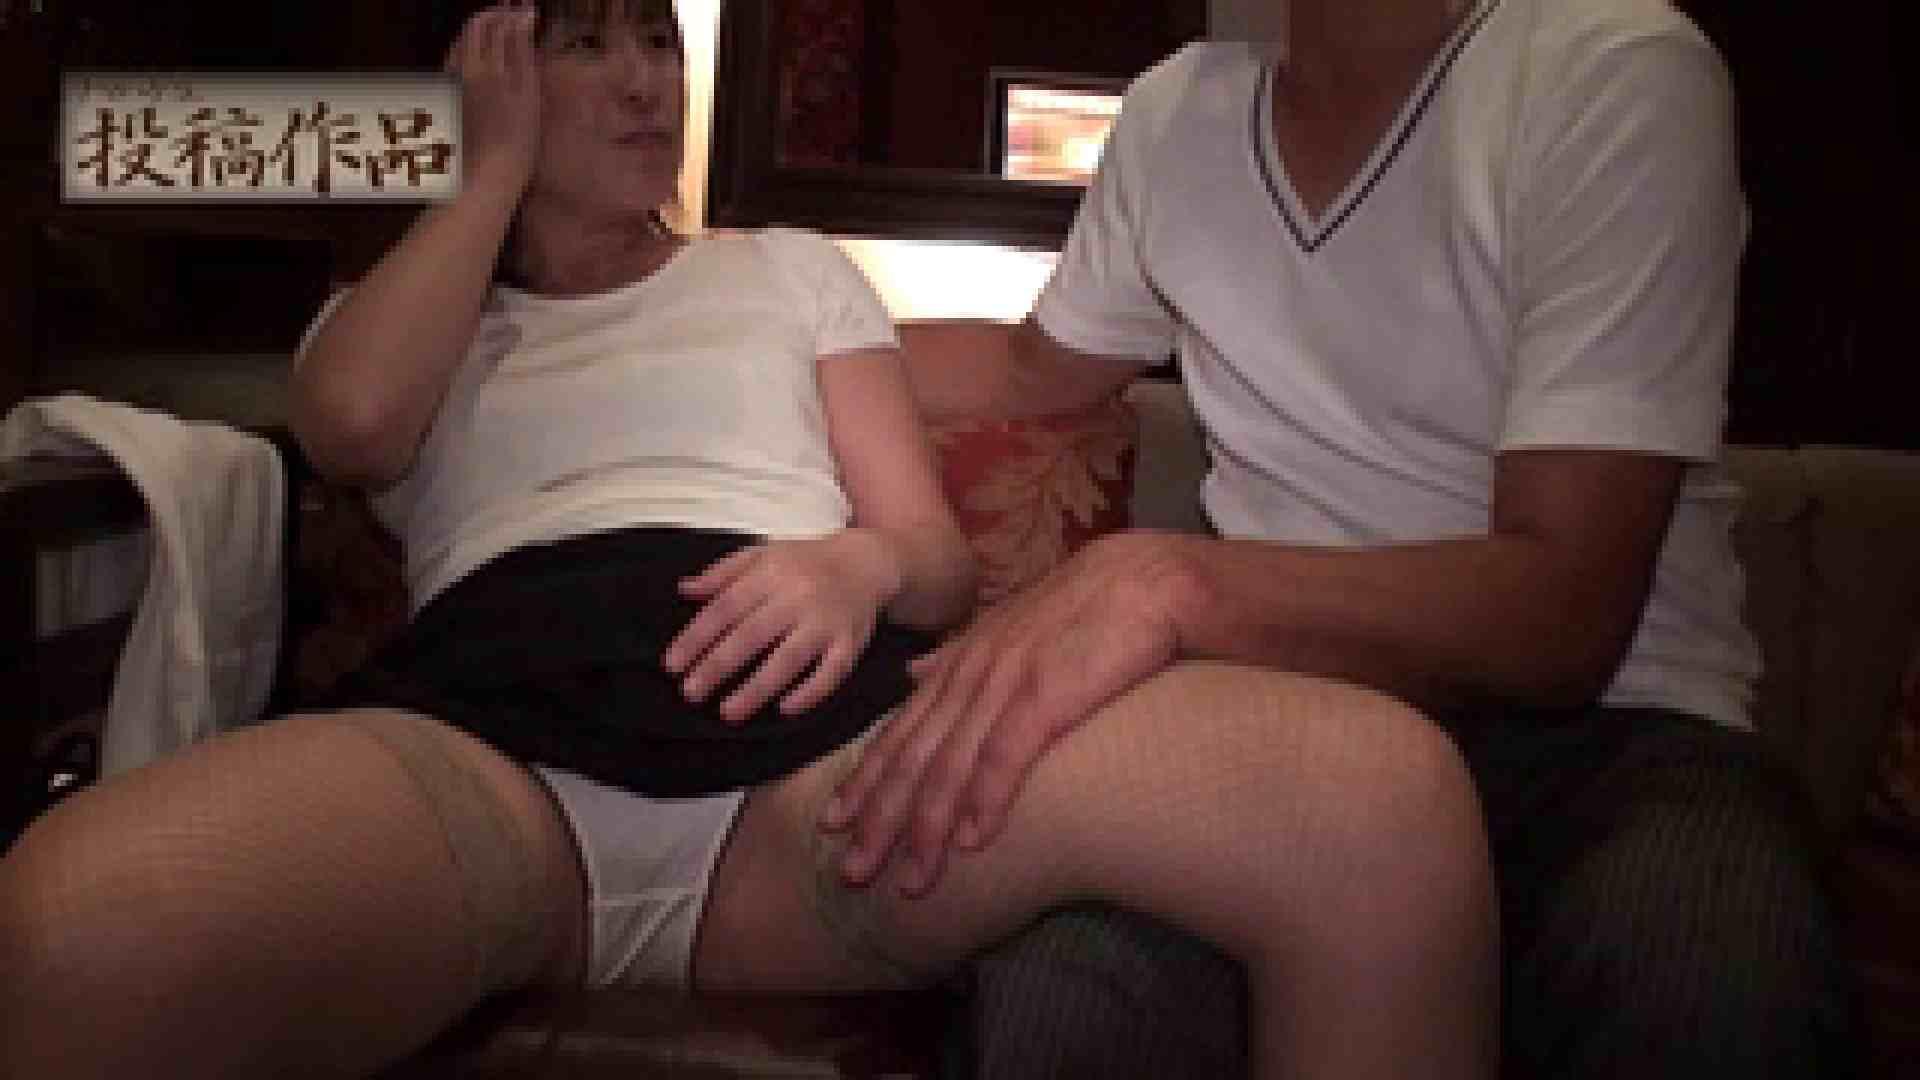 ナマハゲさんのまんこコレクション第3弾 mayumi パイパン 性交動画流出 94連発 14